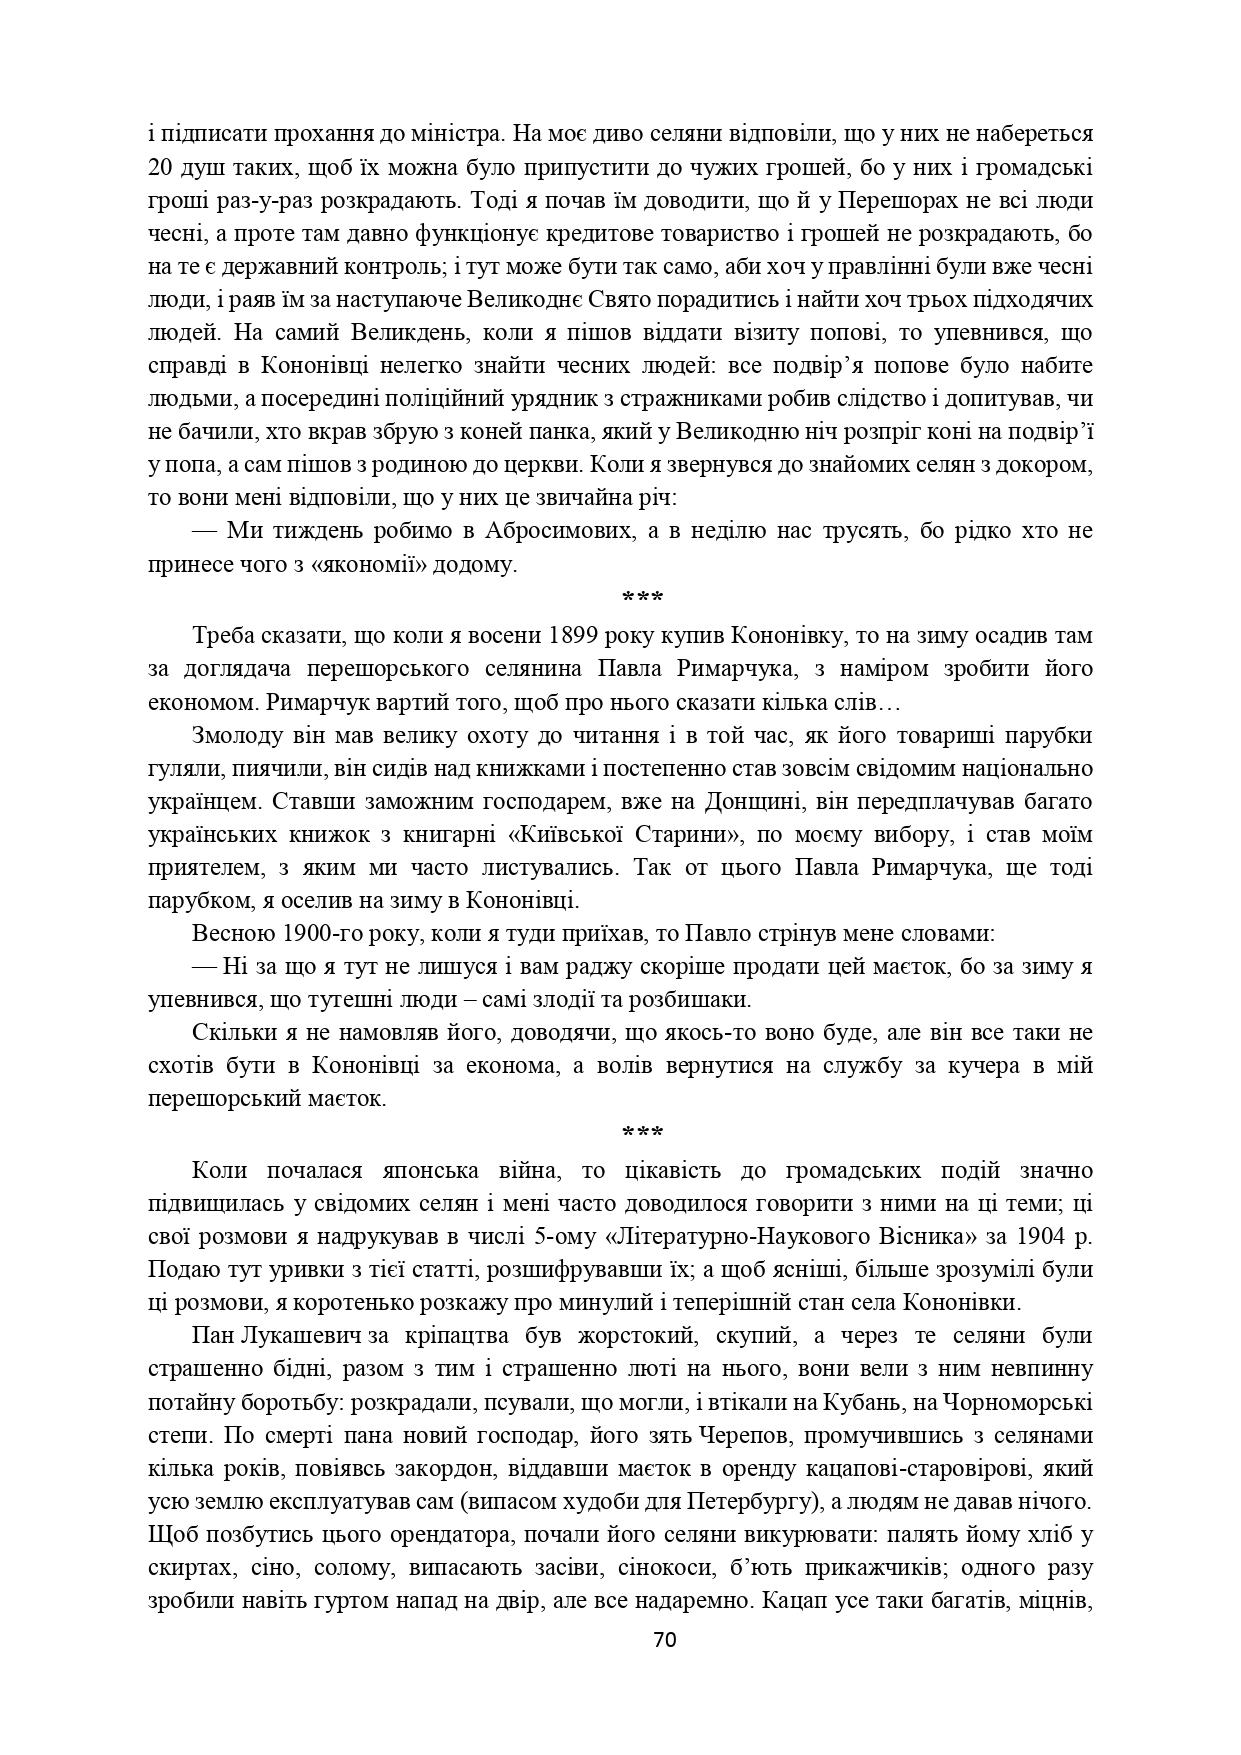 ІСТОРІЯ СЕЛА КОНОНІВКА 2021 (1)_page-0070